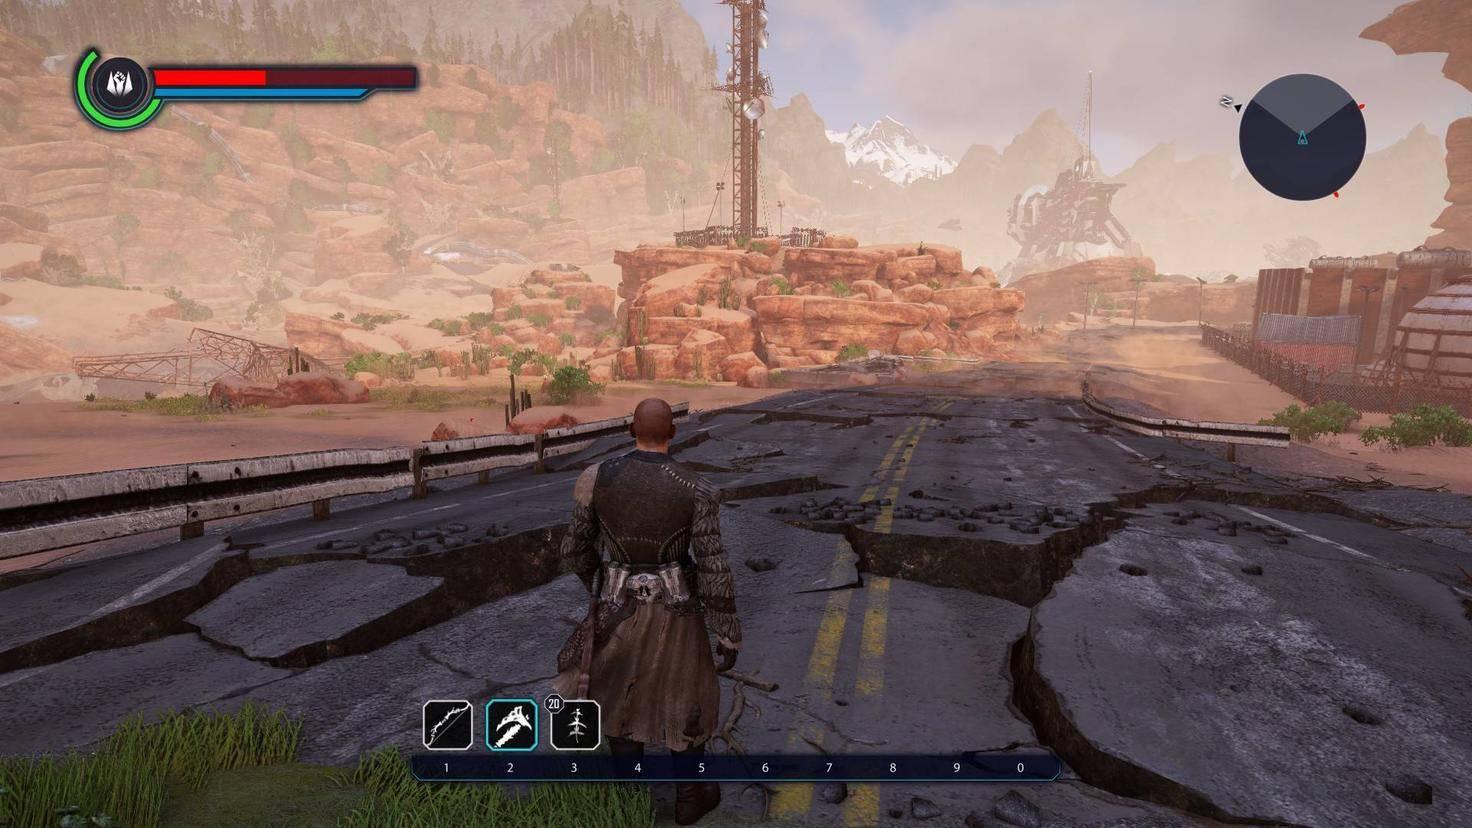 Die Outlaws leben in einer Wüstengegend.